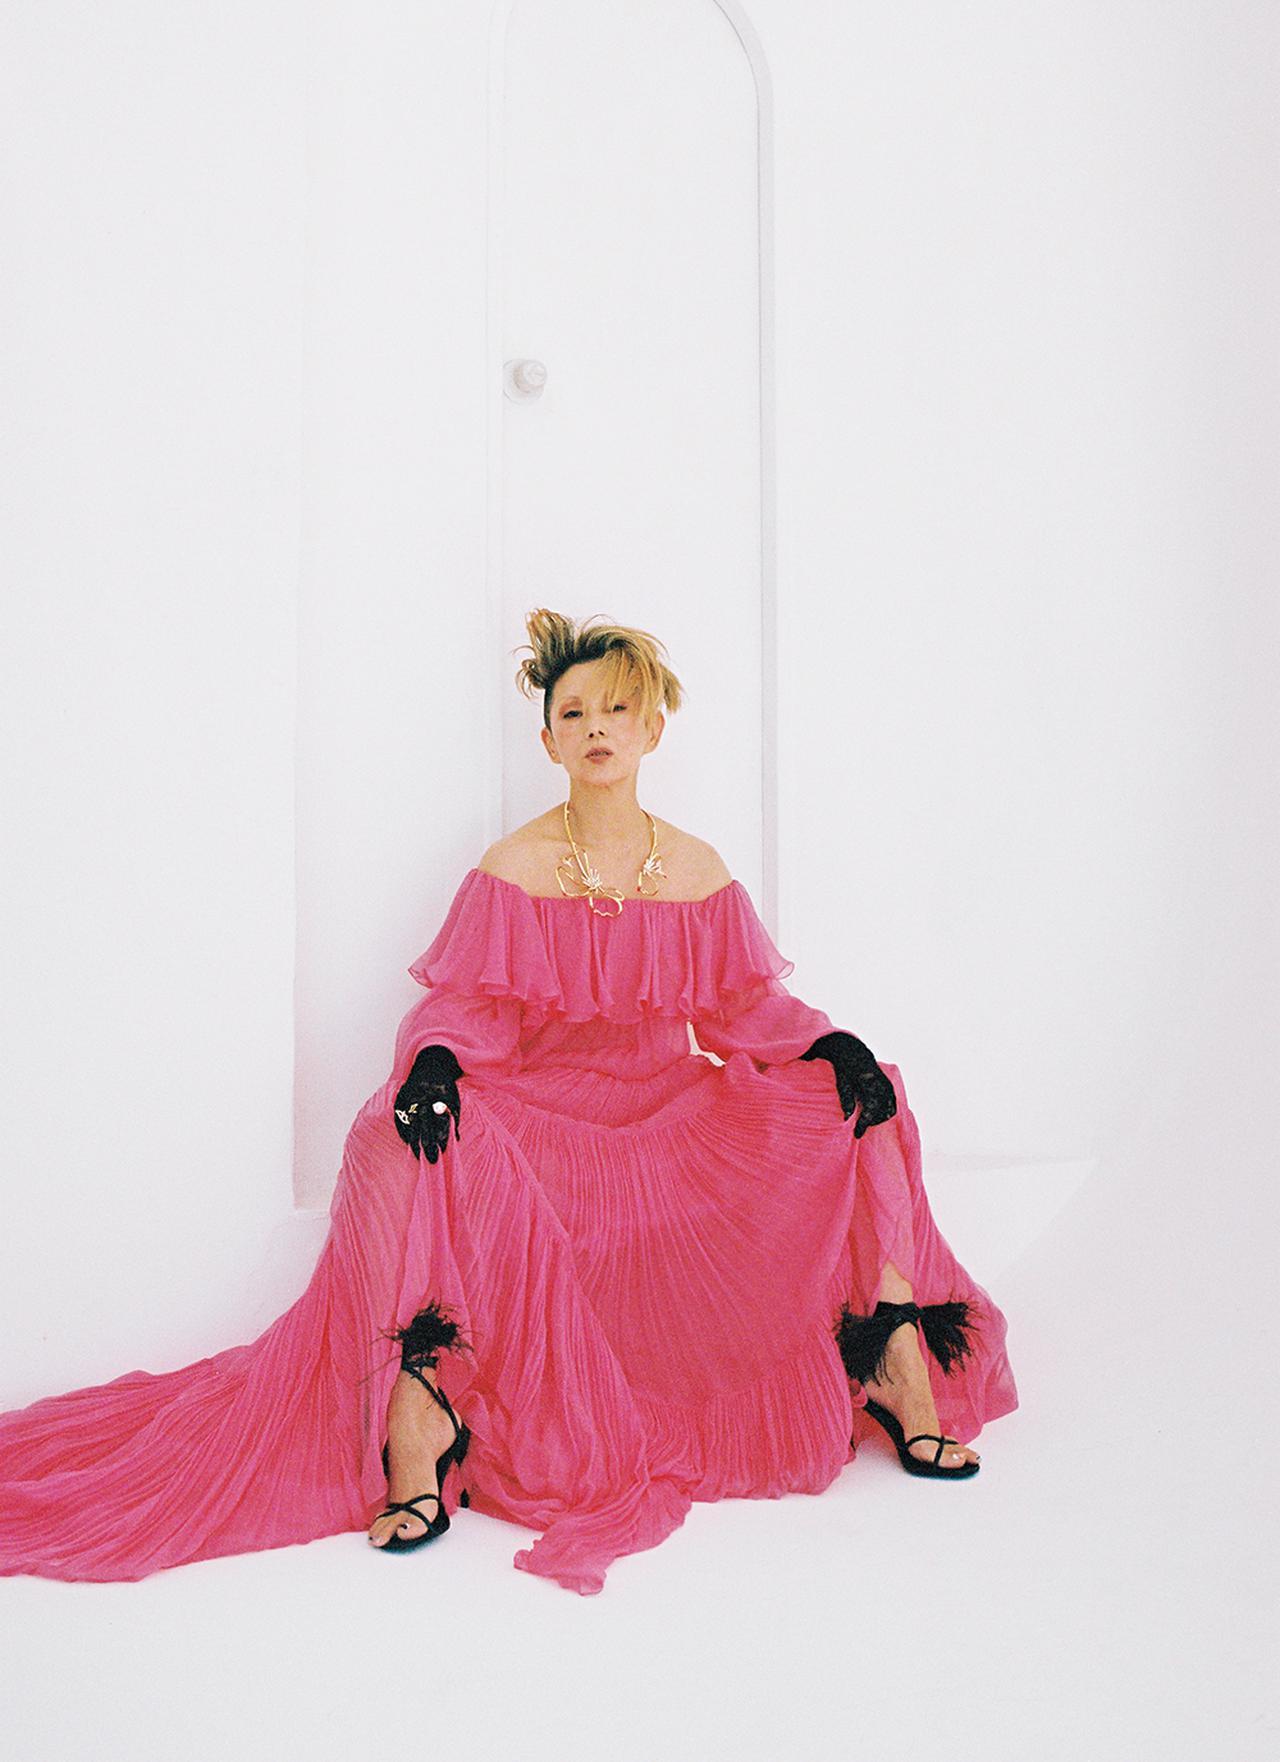 Images : 咲き誇るかのようなバラ色のドレス